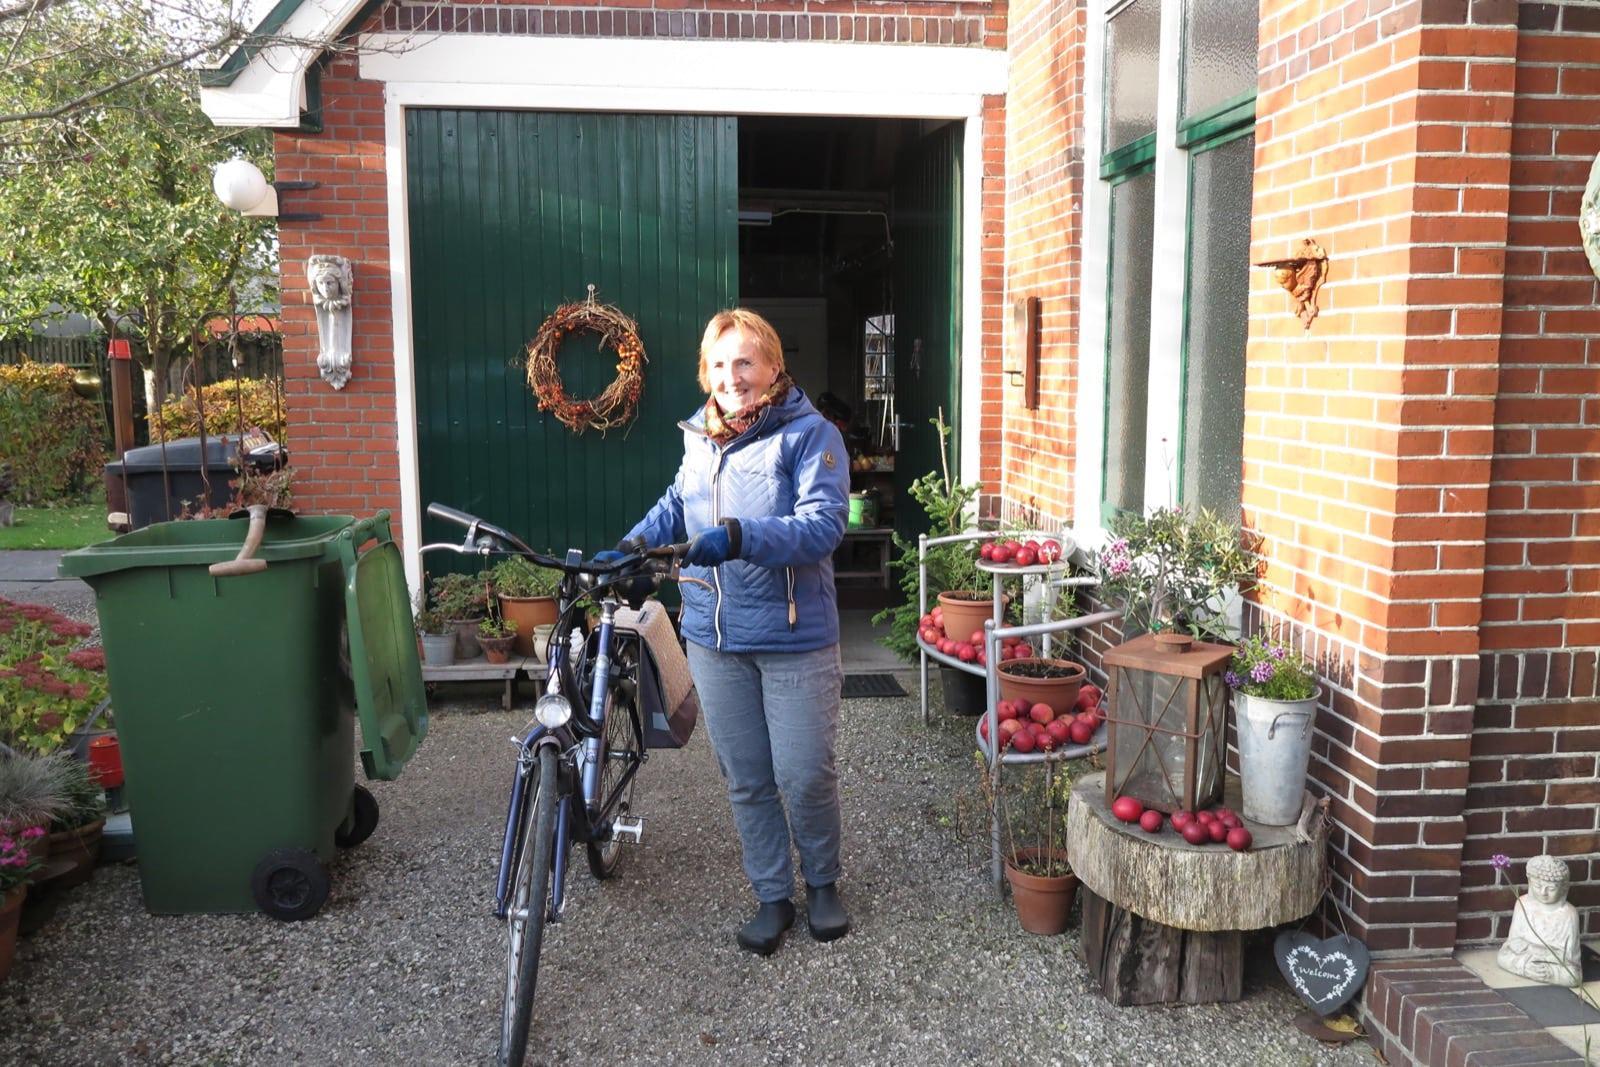 et-fiets-en-fietser-103-yvonne-vd-weert-oi.jpg